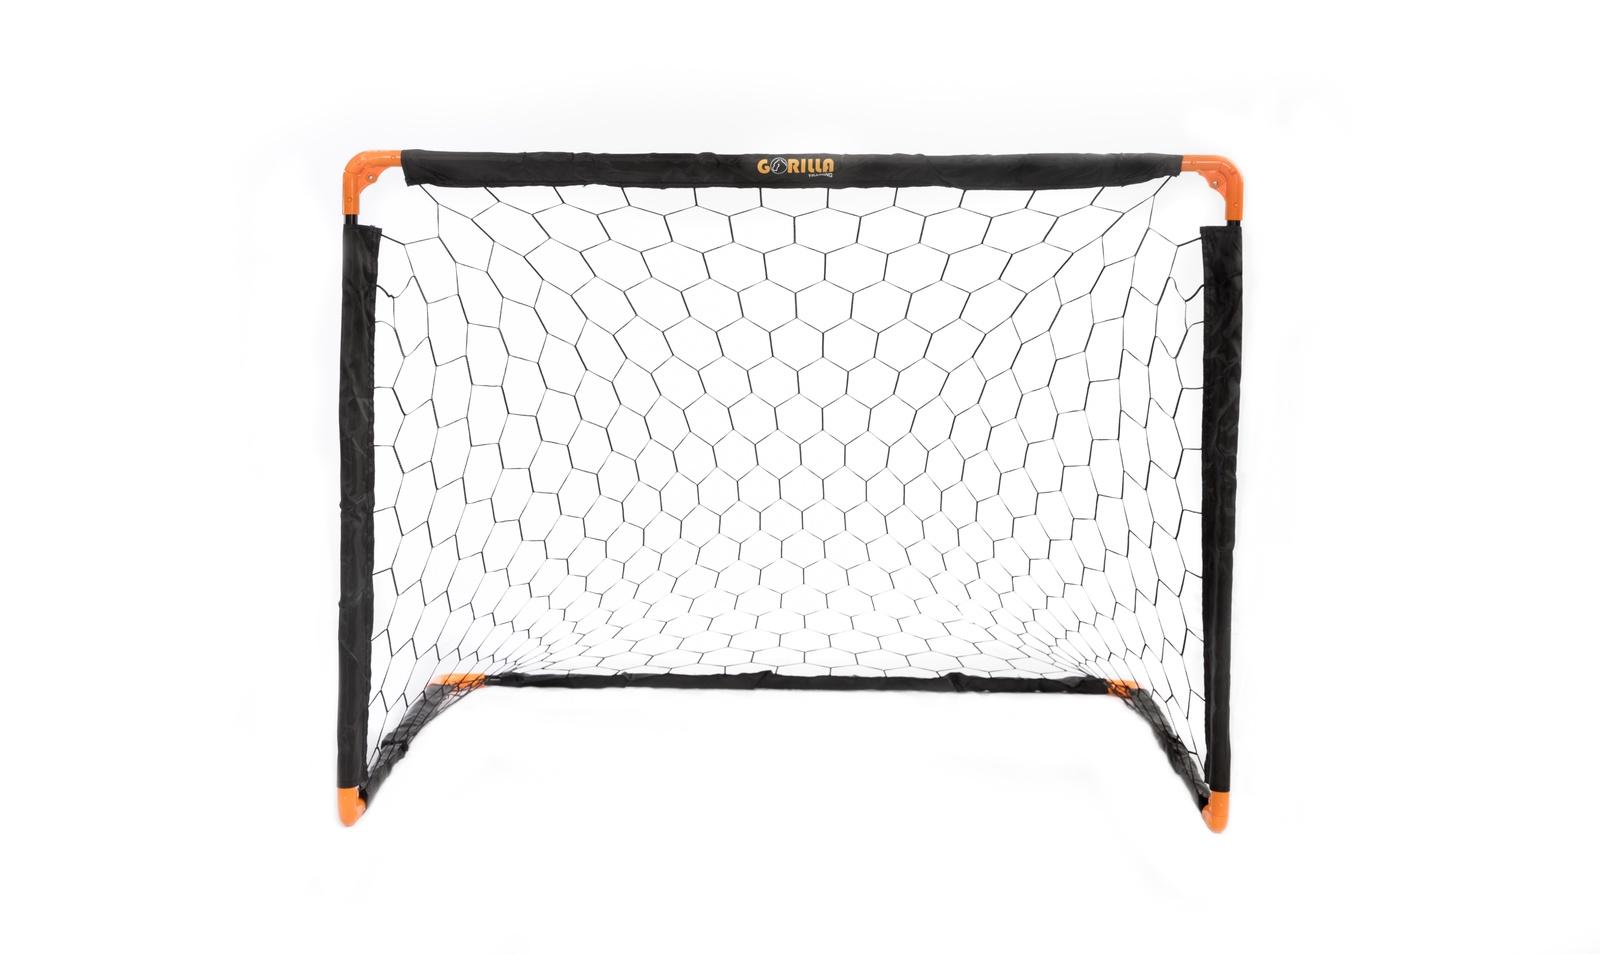 Футбольные ворота Gorilla Training 70321, черный, оранжевый складные футбольные ворота kage xl